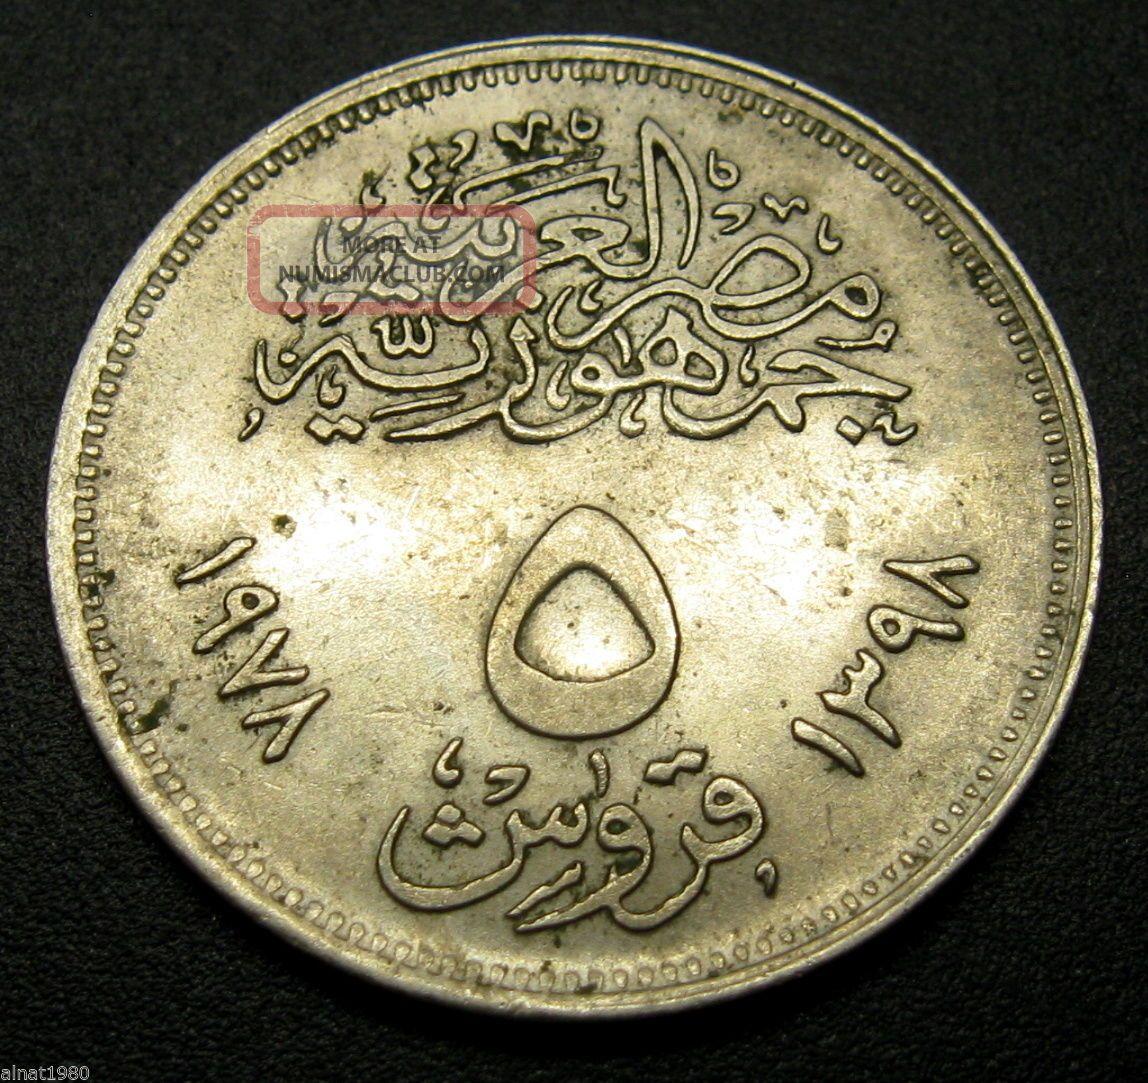 Egypt 5 Piastres Coin Ah 1398 1978 Km 478 Fao A1